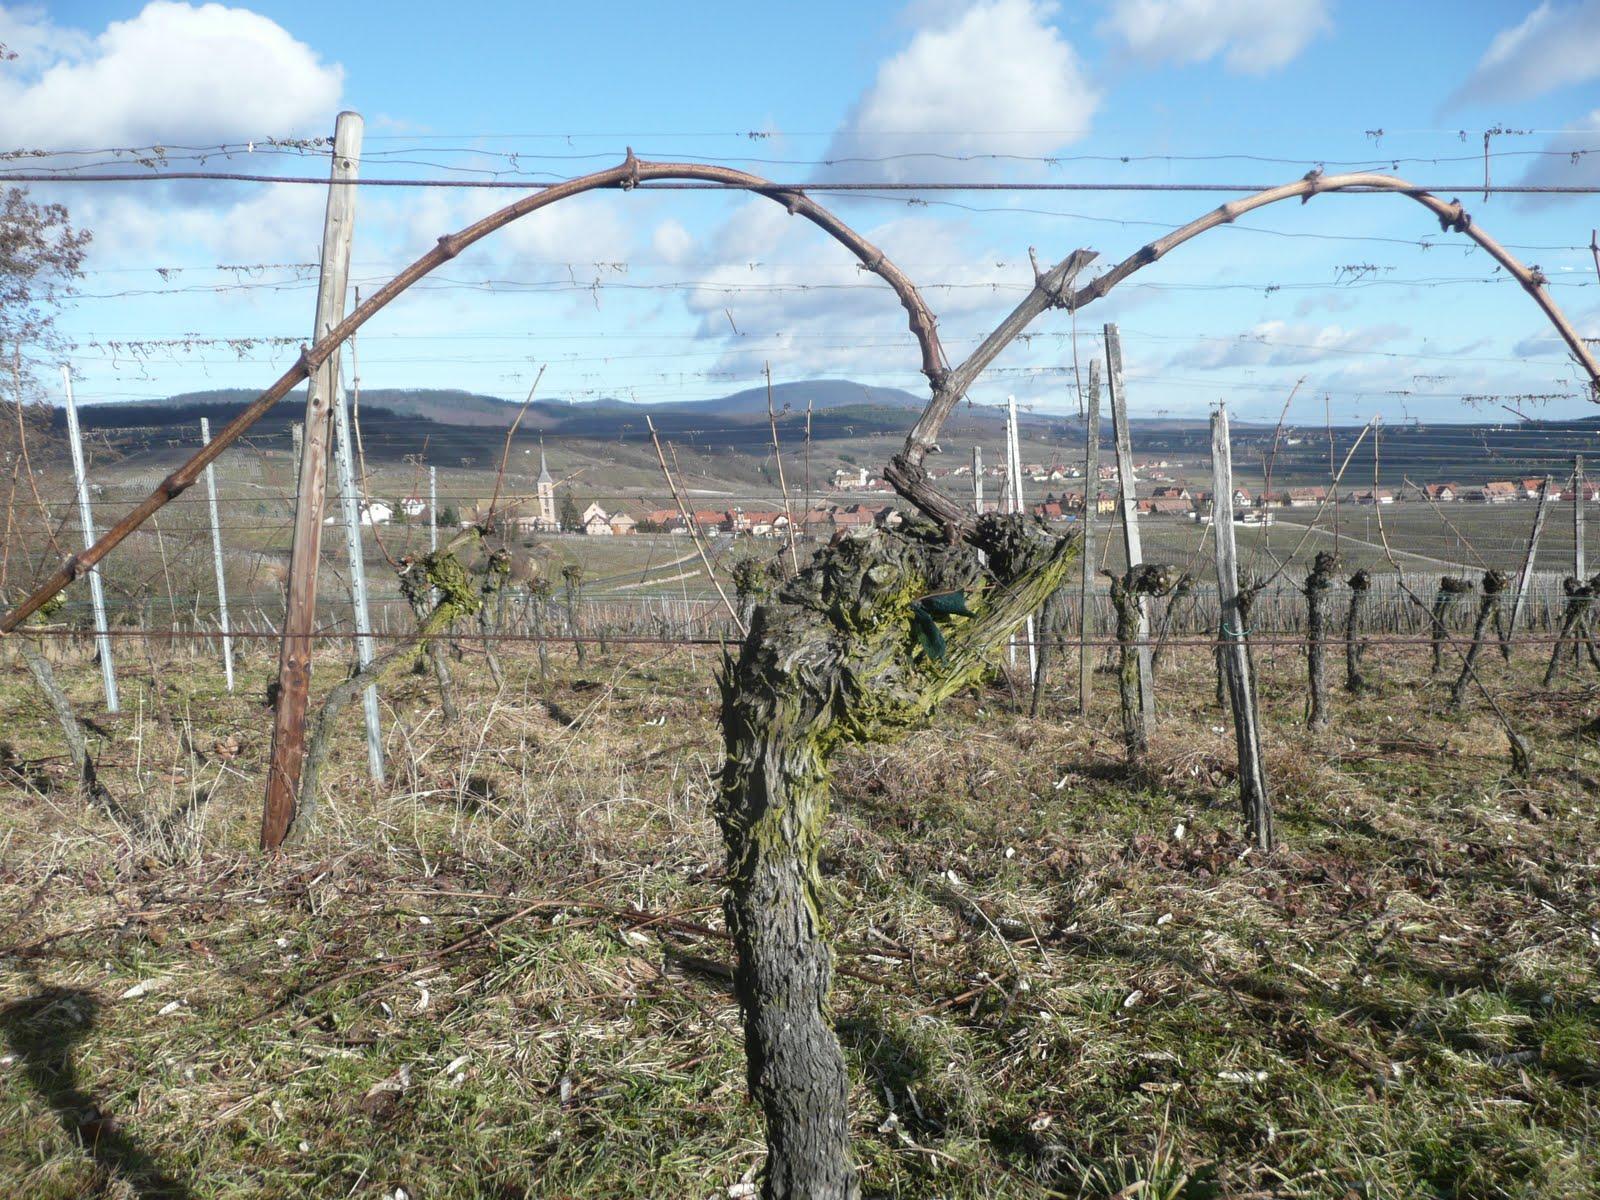 Les vins d 39 alsace florian yvette et michel beck hartweg - Quand tailler une vigne ...